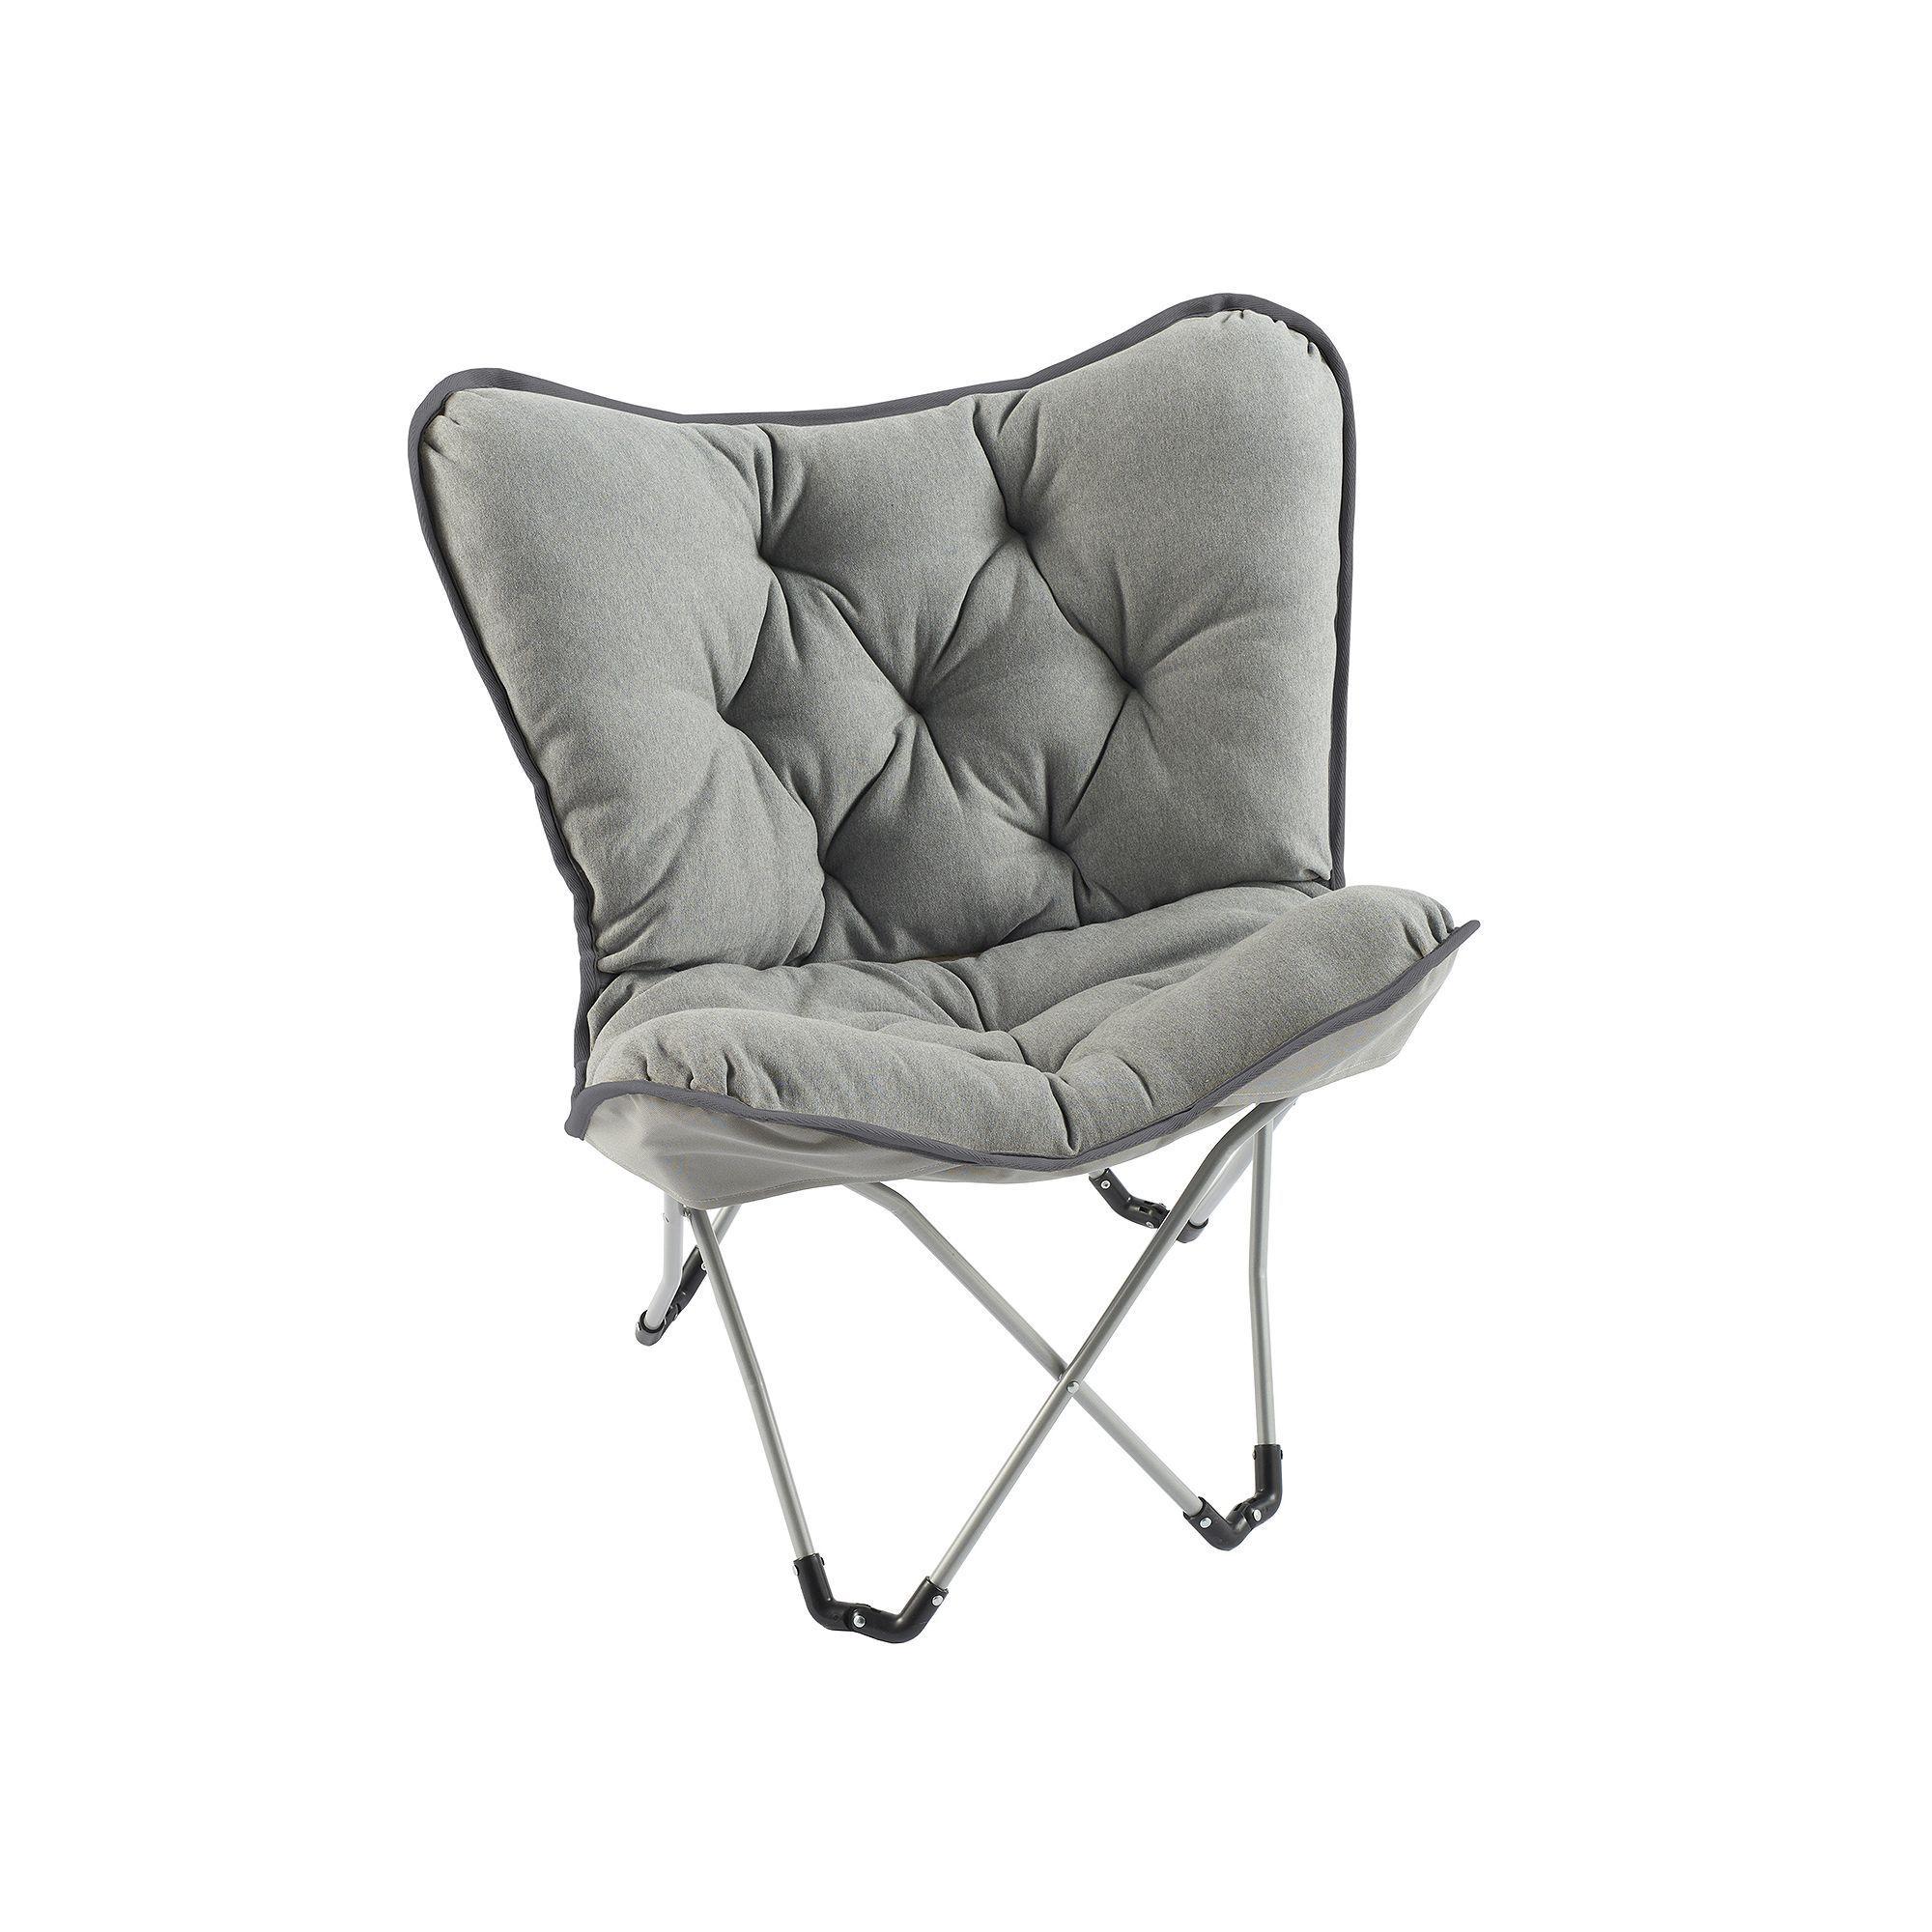 Simple By Design Memory Foam Butterfly Chair Grey Butterfly